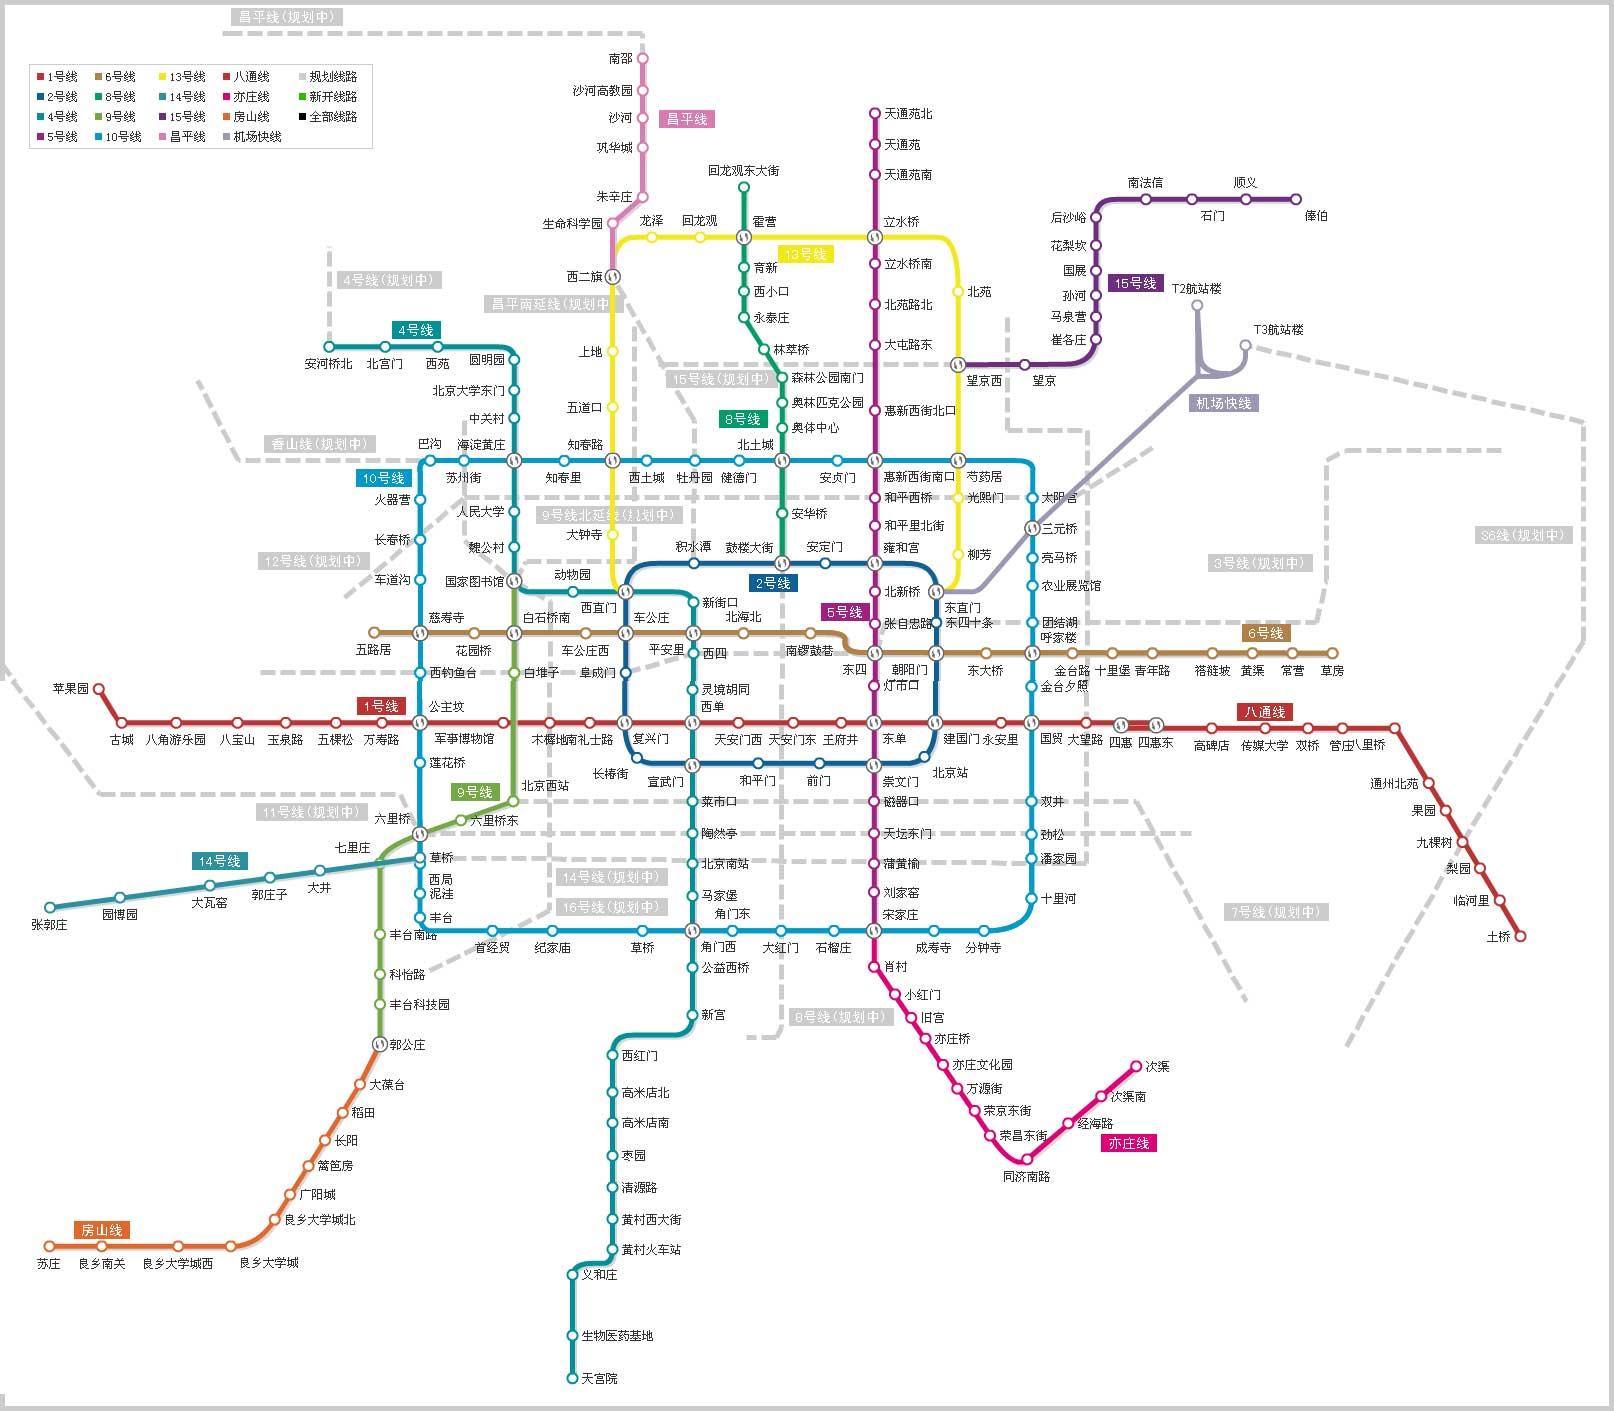 北京地铁线路图最新版